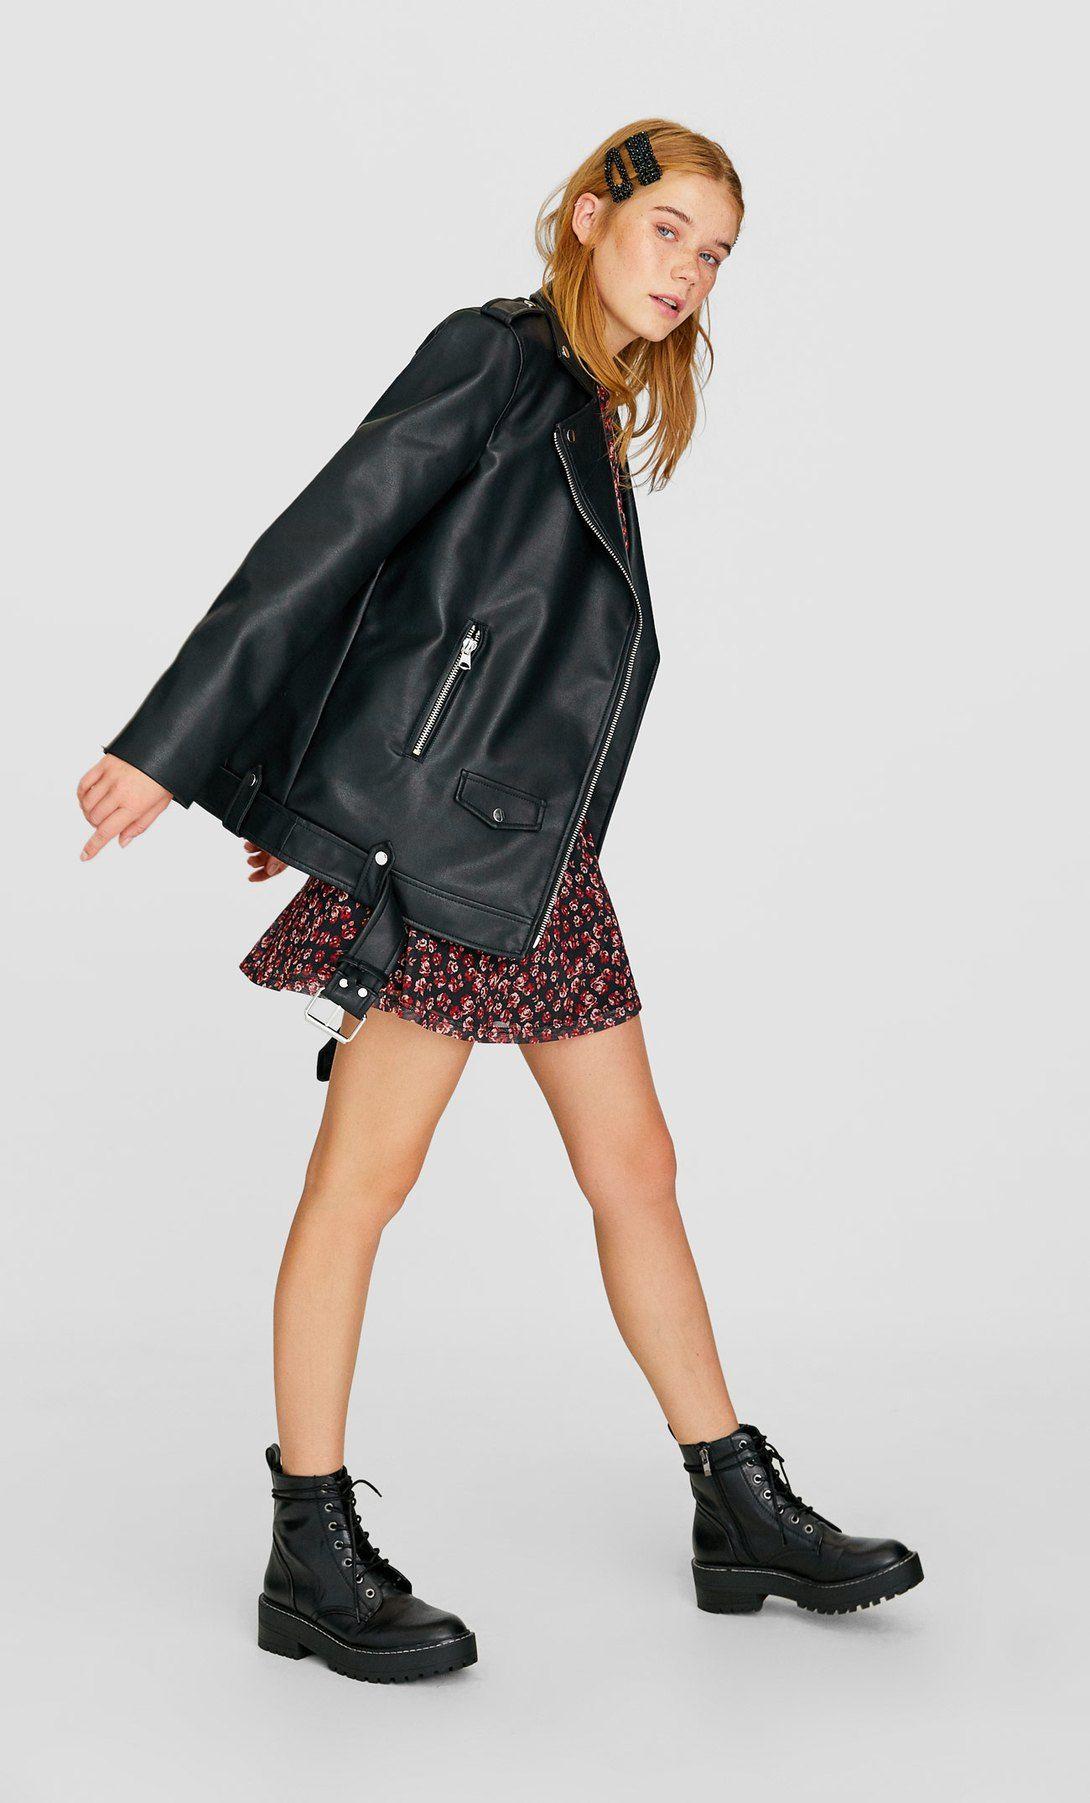 Collarless jacket (с изображениями) Стиль, Модные стили